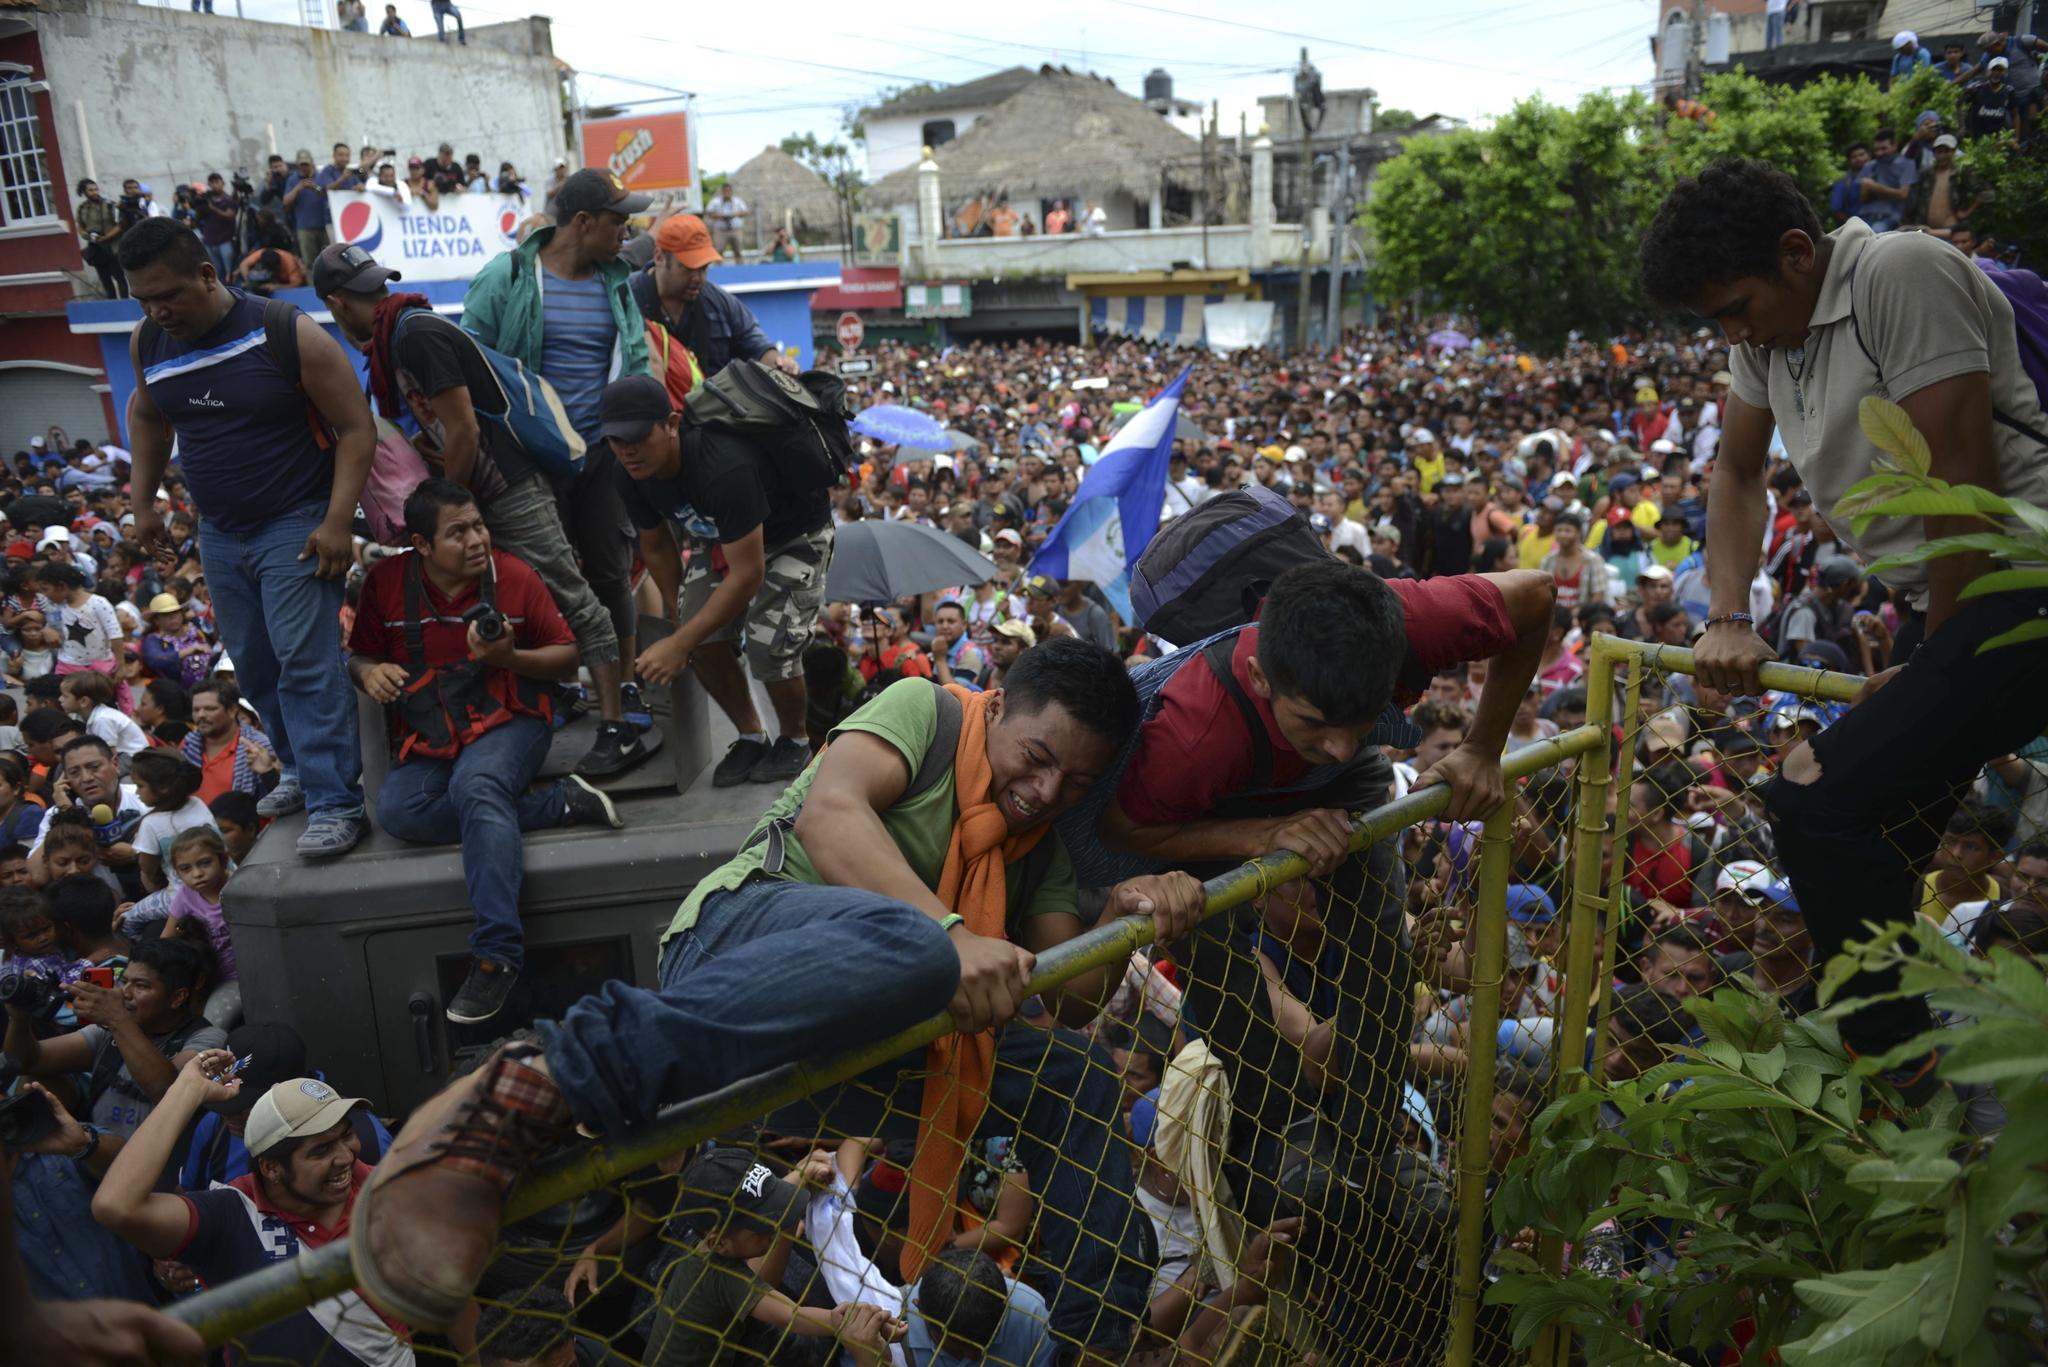 전쟁과 자연재해로 인해 늘어난 난민. 난민 문제는 아시아와 아메리카로 전방위 확산했다. 사진은 온두라스에서 탈출해 미국으로 향하는 캐러밴. [AP = 연합뉴스 자료사진]